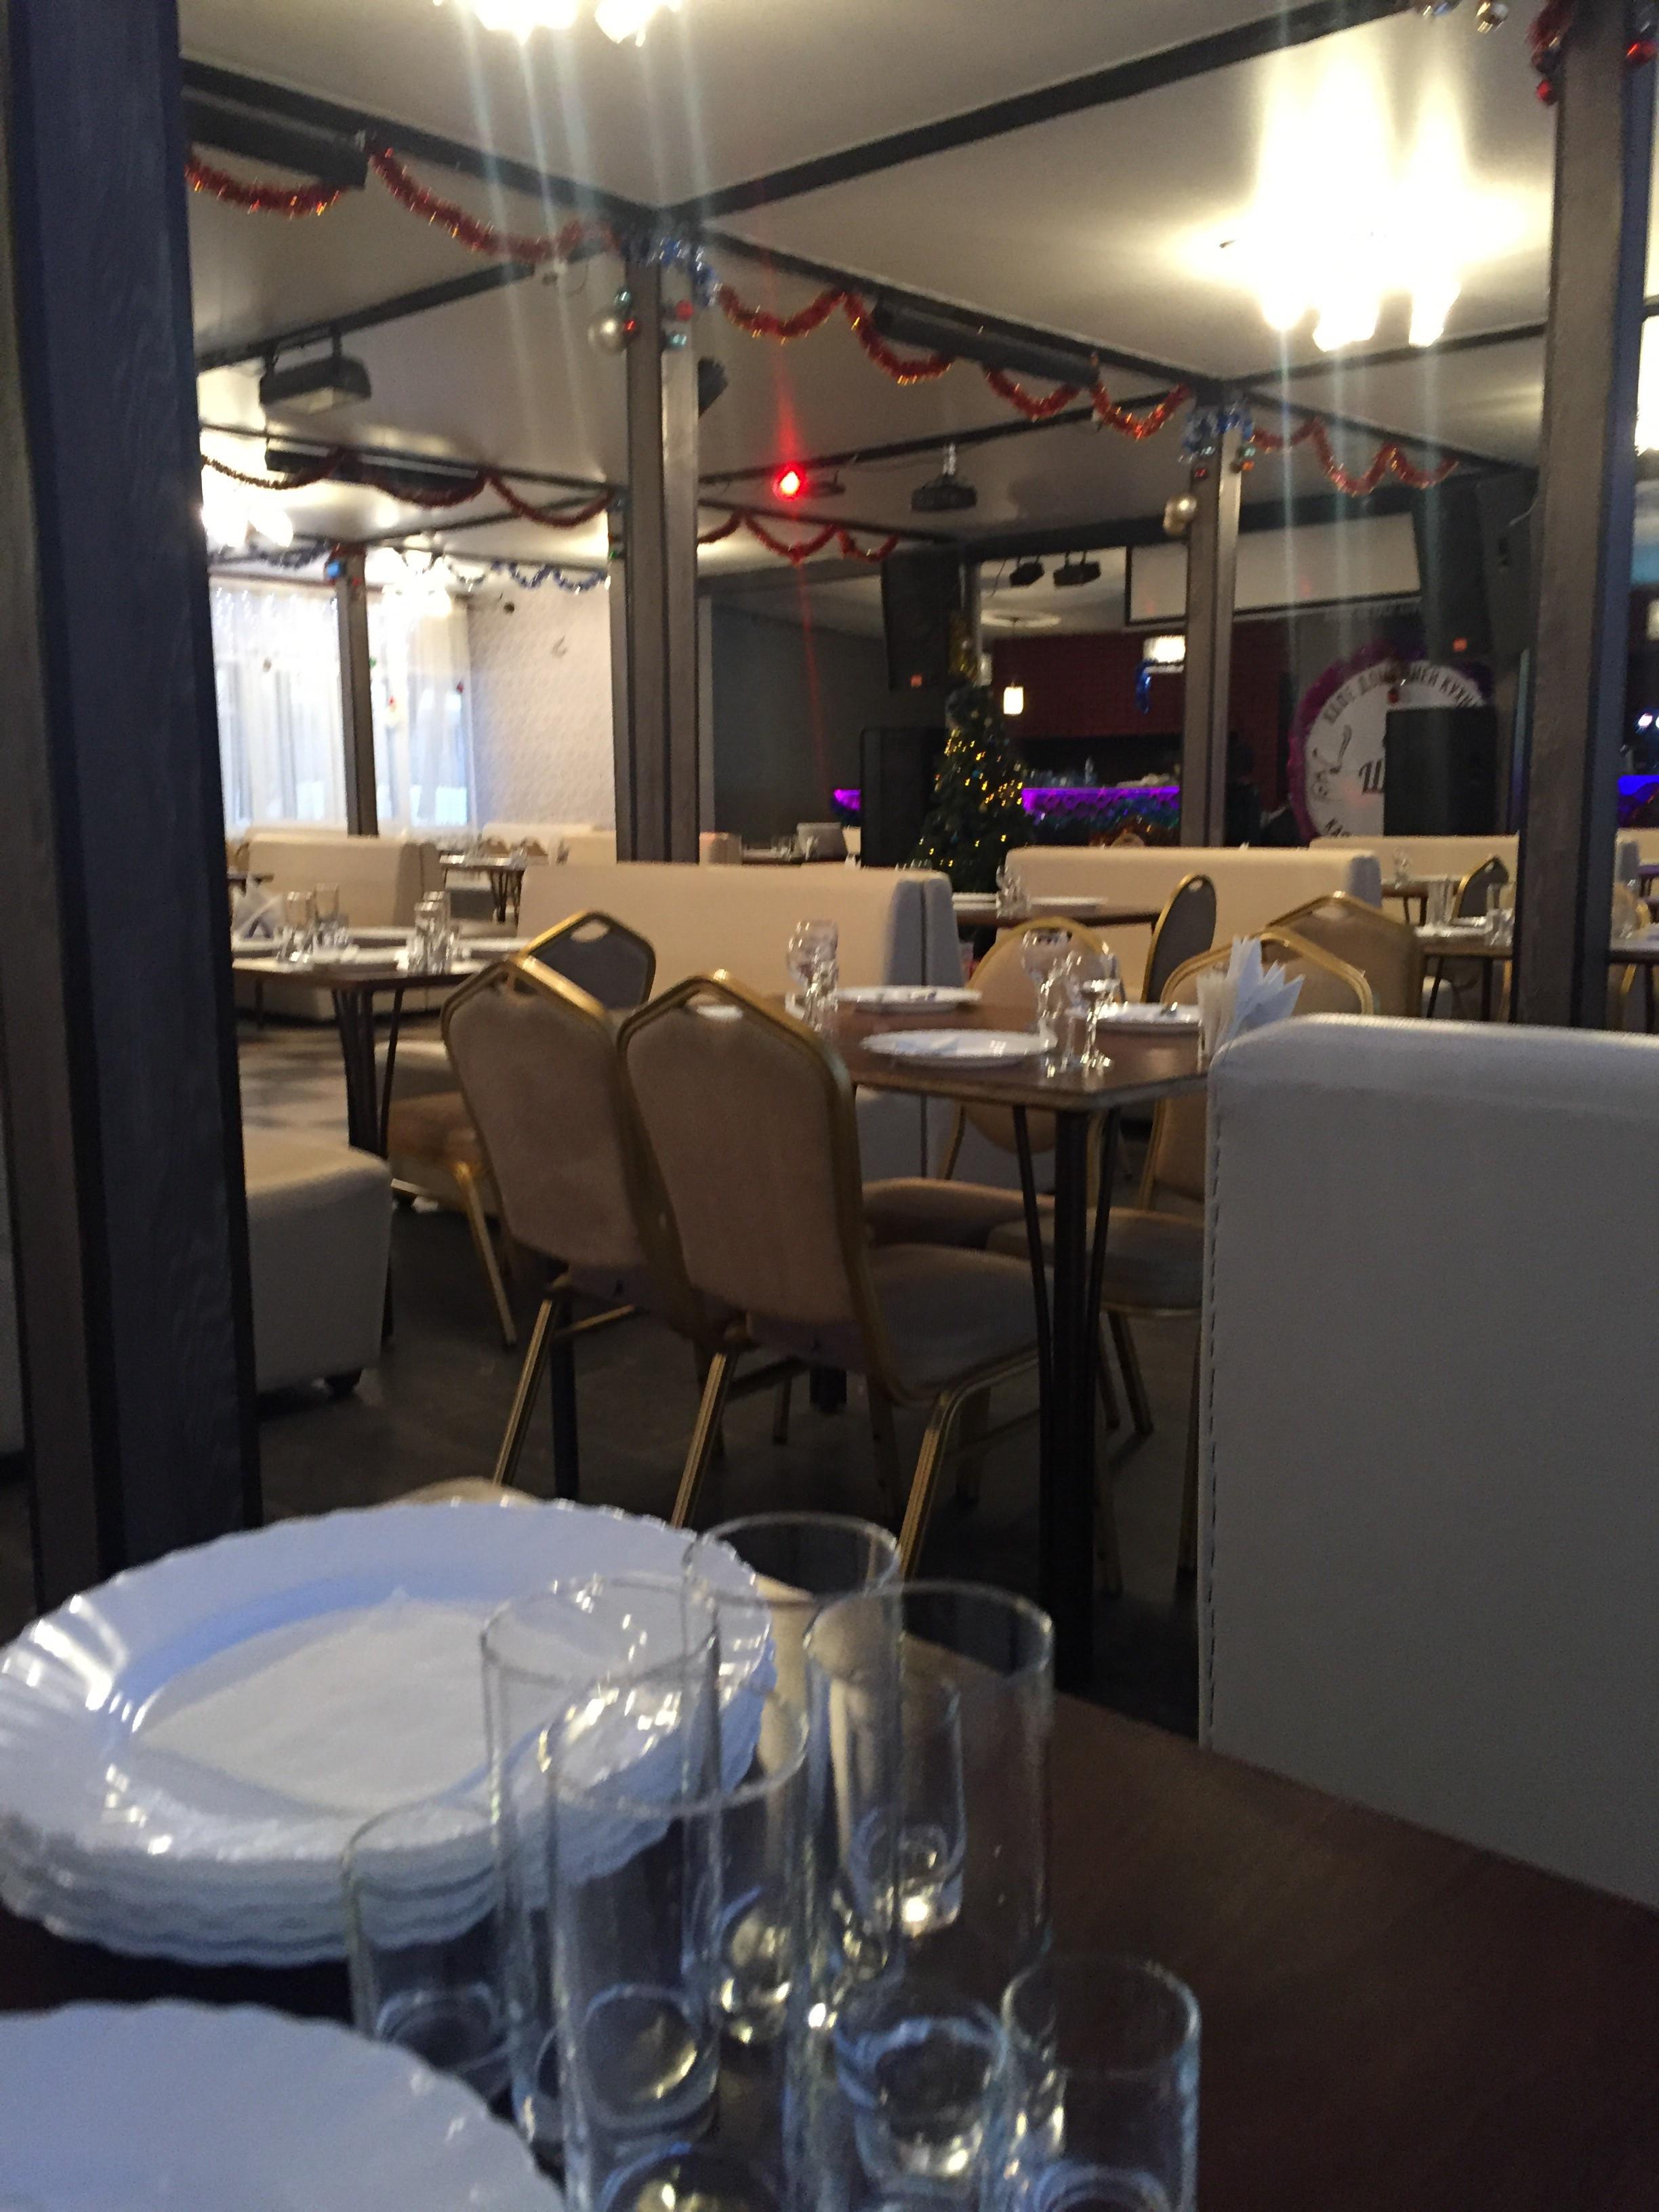 фото кафе проспект нижний новгород